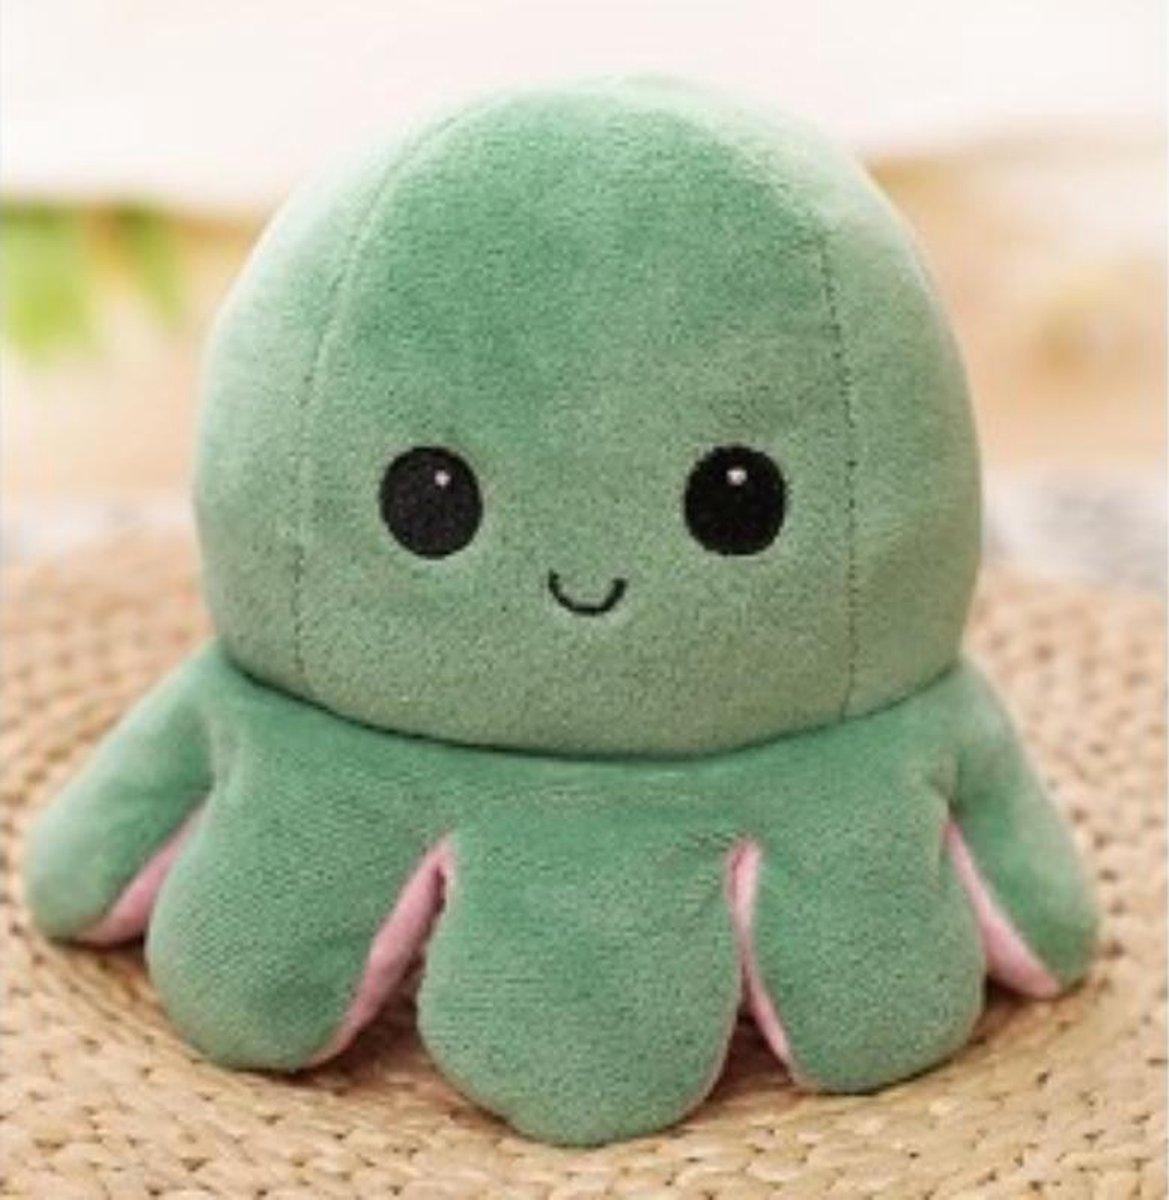 Octopus knuffel - Octopus knuffel mood - octopus knuffel omkeerbaar - reversible - emotieknuffel - m